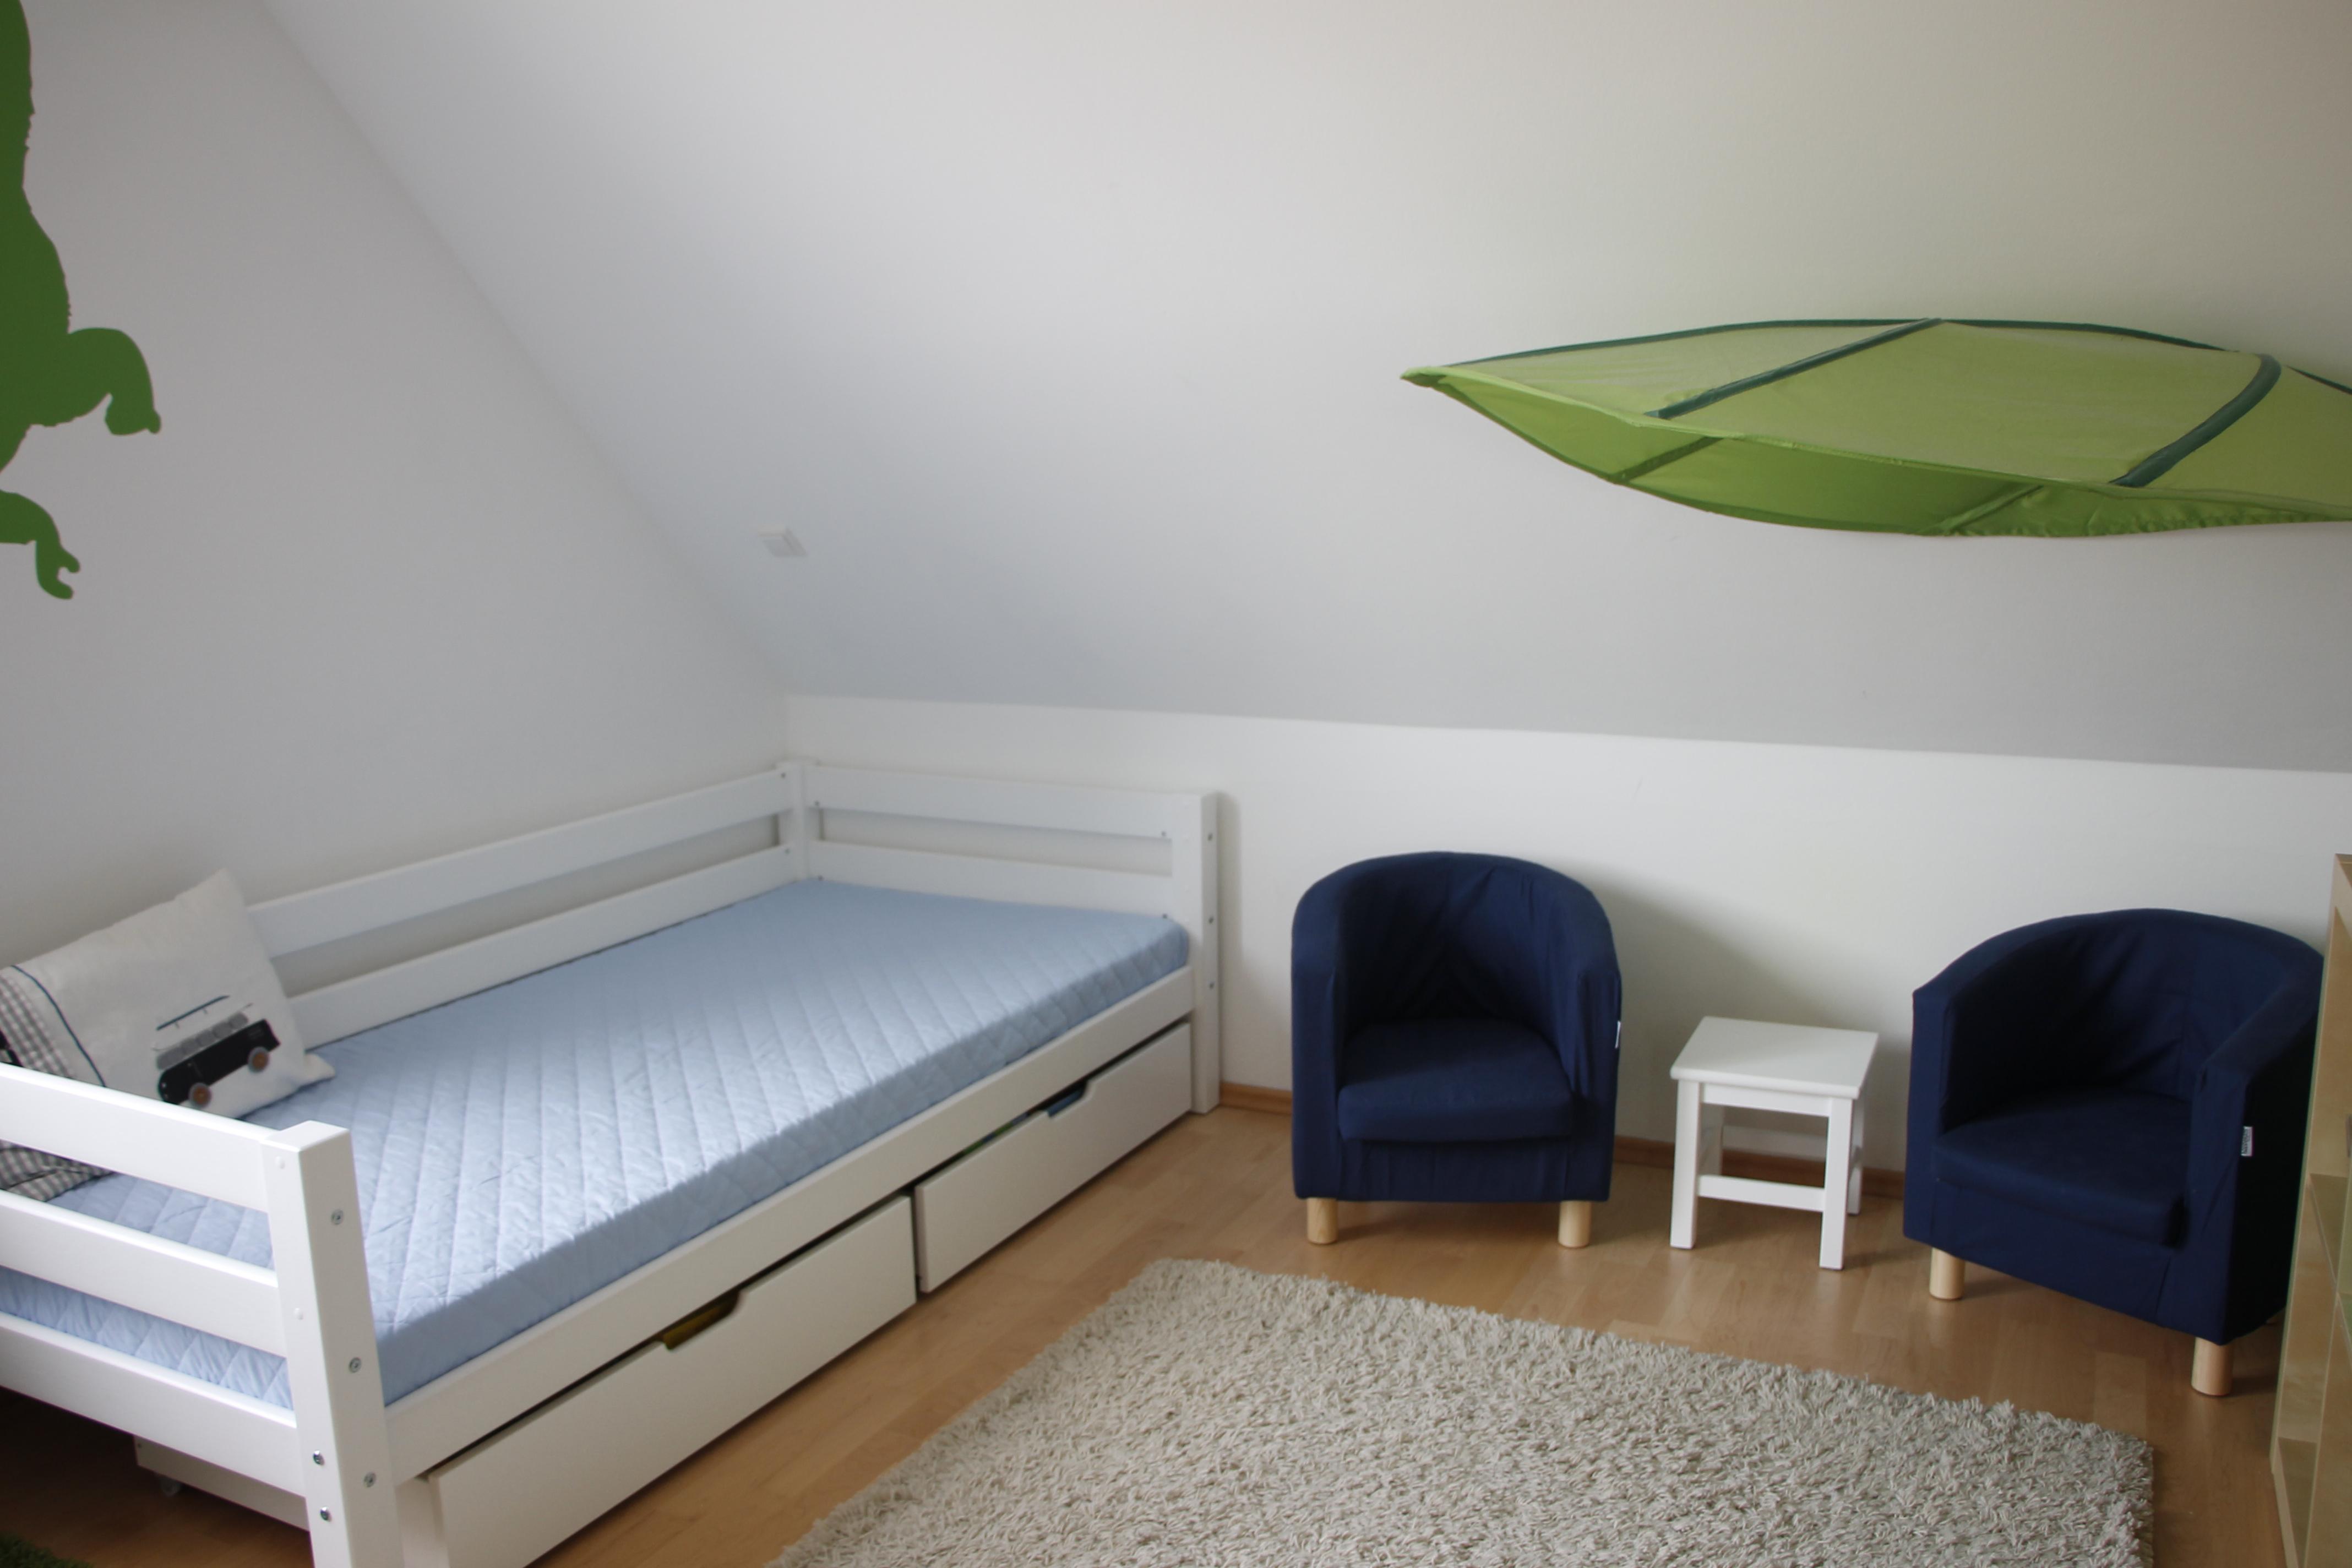 Hochwertig Kinderzimmer Einrichten: Tipps Rund Um Möbel, Deko Und Mehr